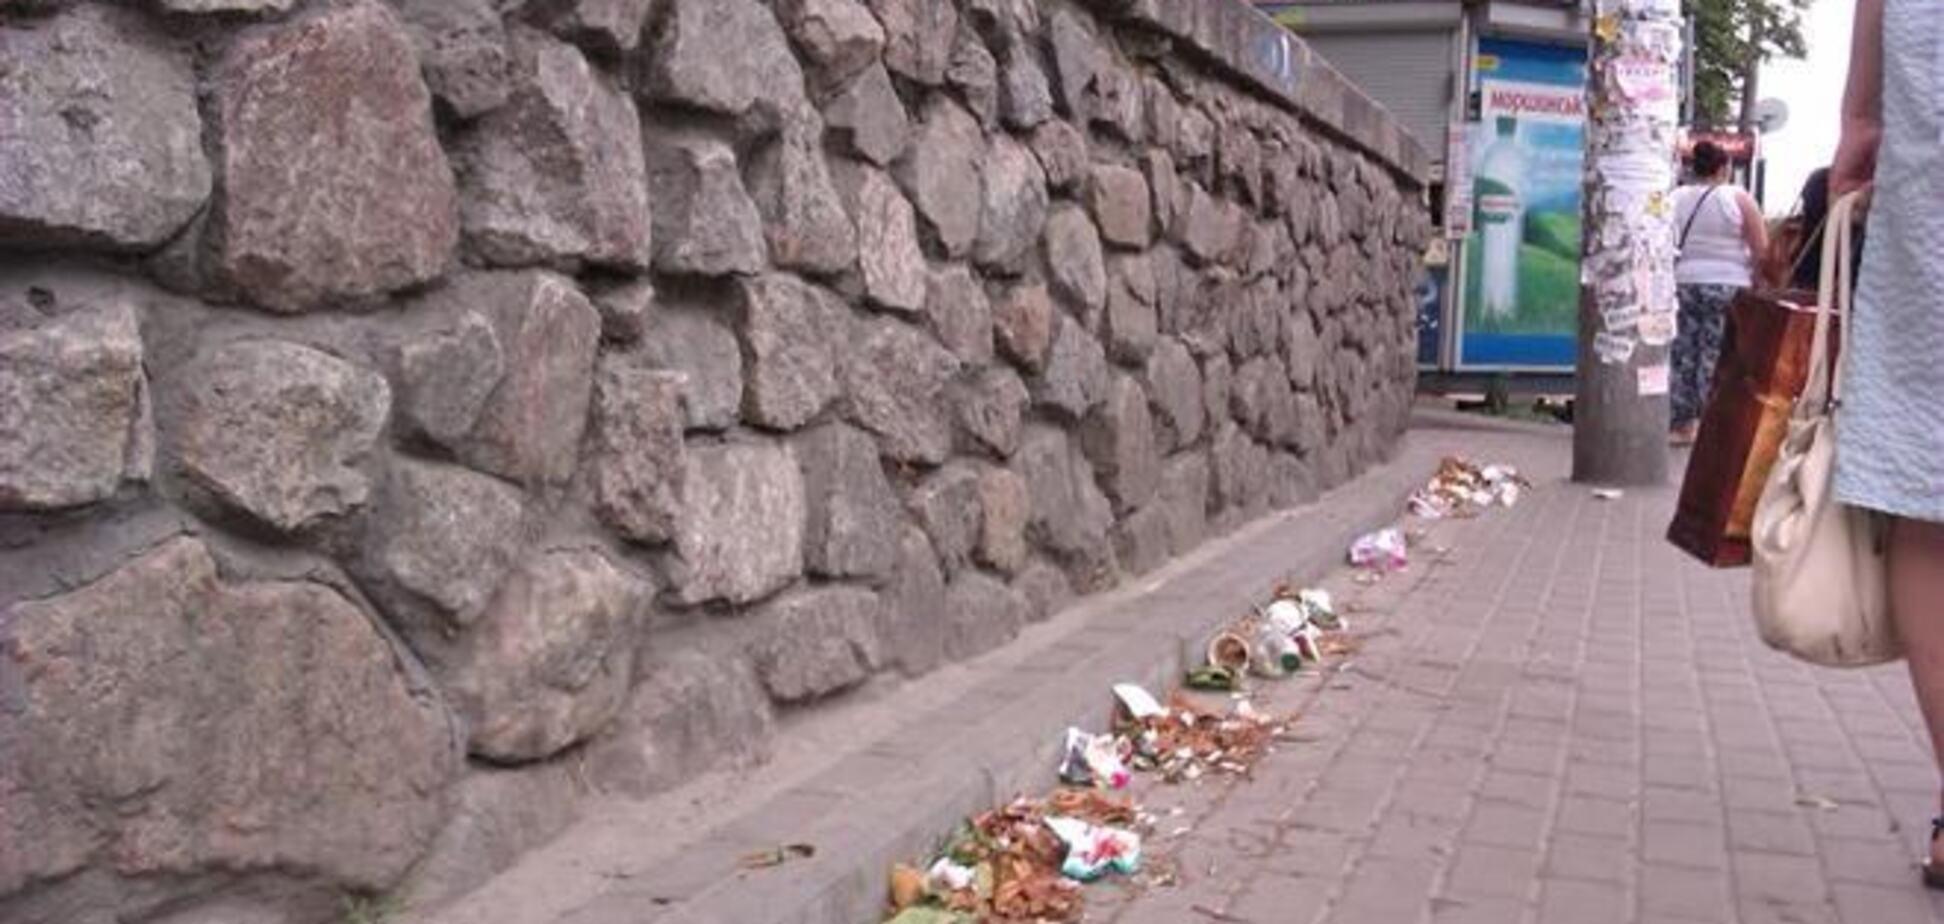 На улицах Киева некуда выбрасывать мусор